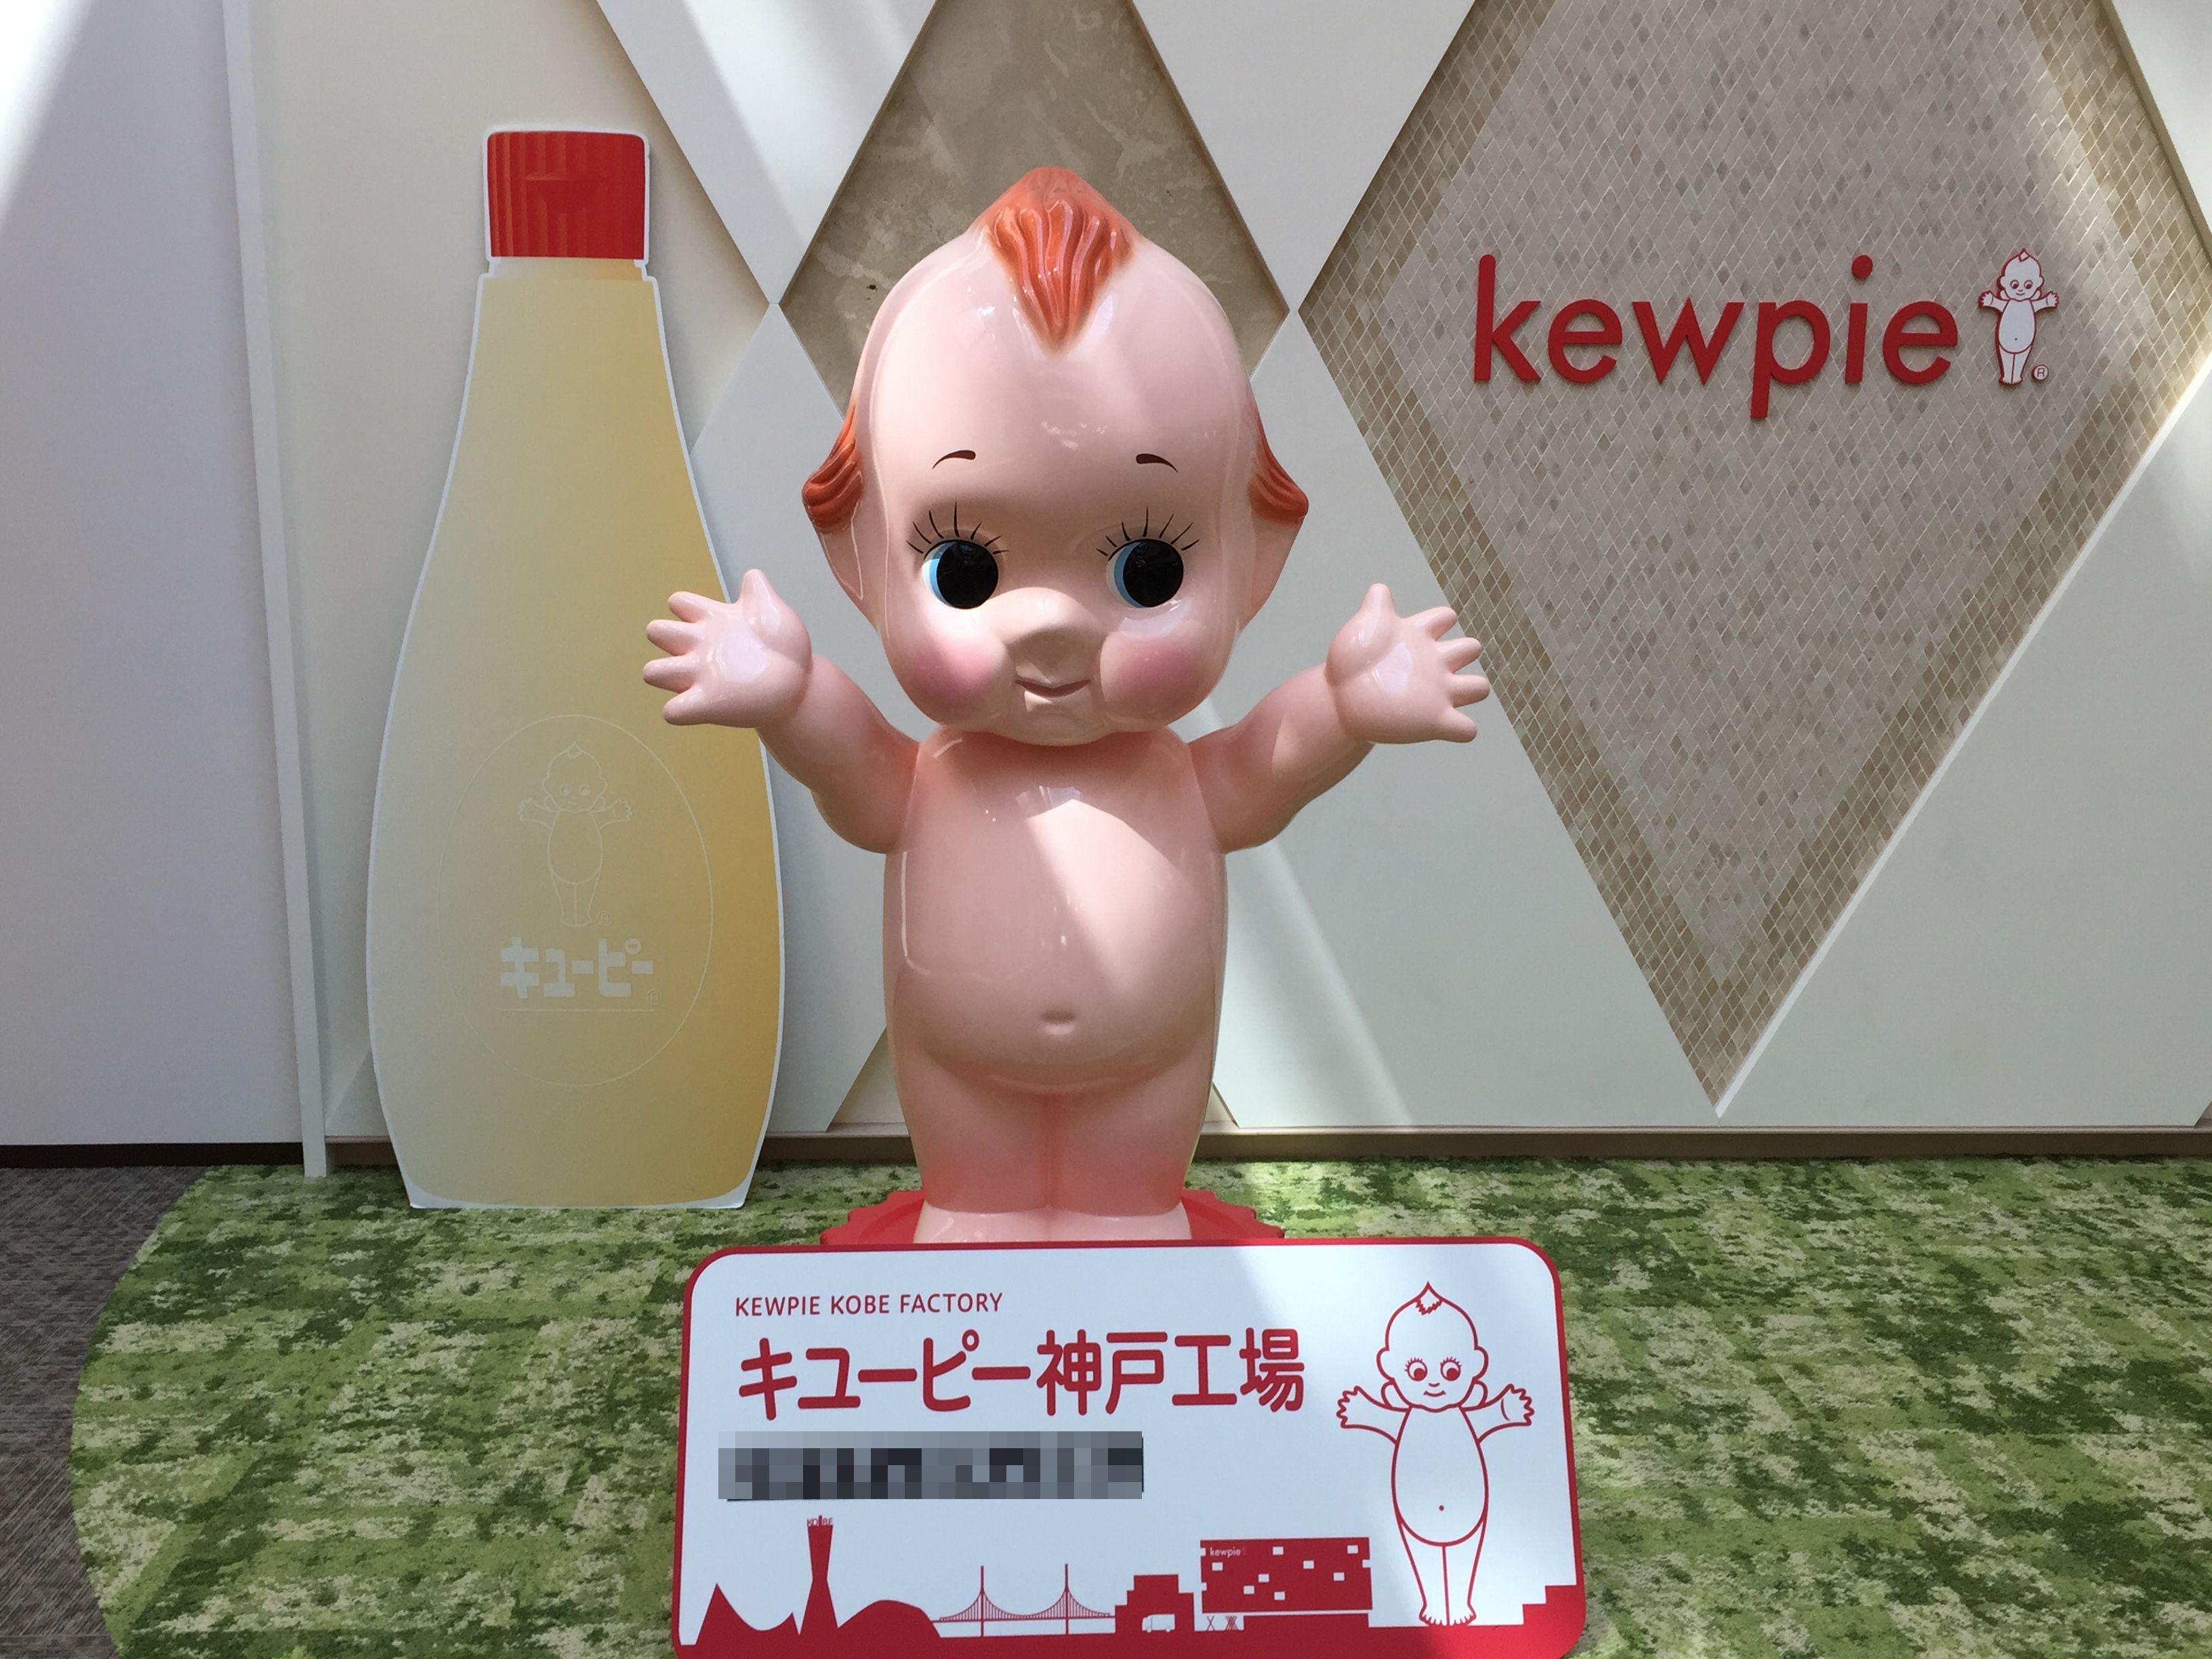 大人気施設!神戸・深江浜にある「キューピー神戸工場 オープンキッチン」の見学に参加してみた! #キューピー神戸工場